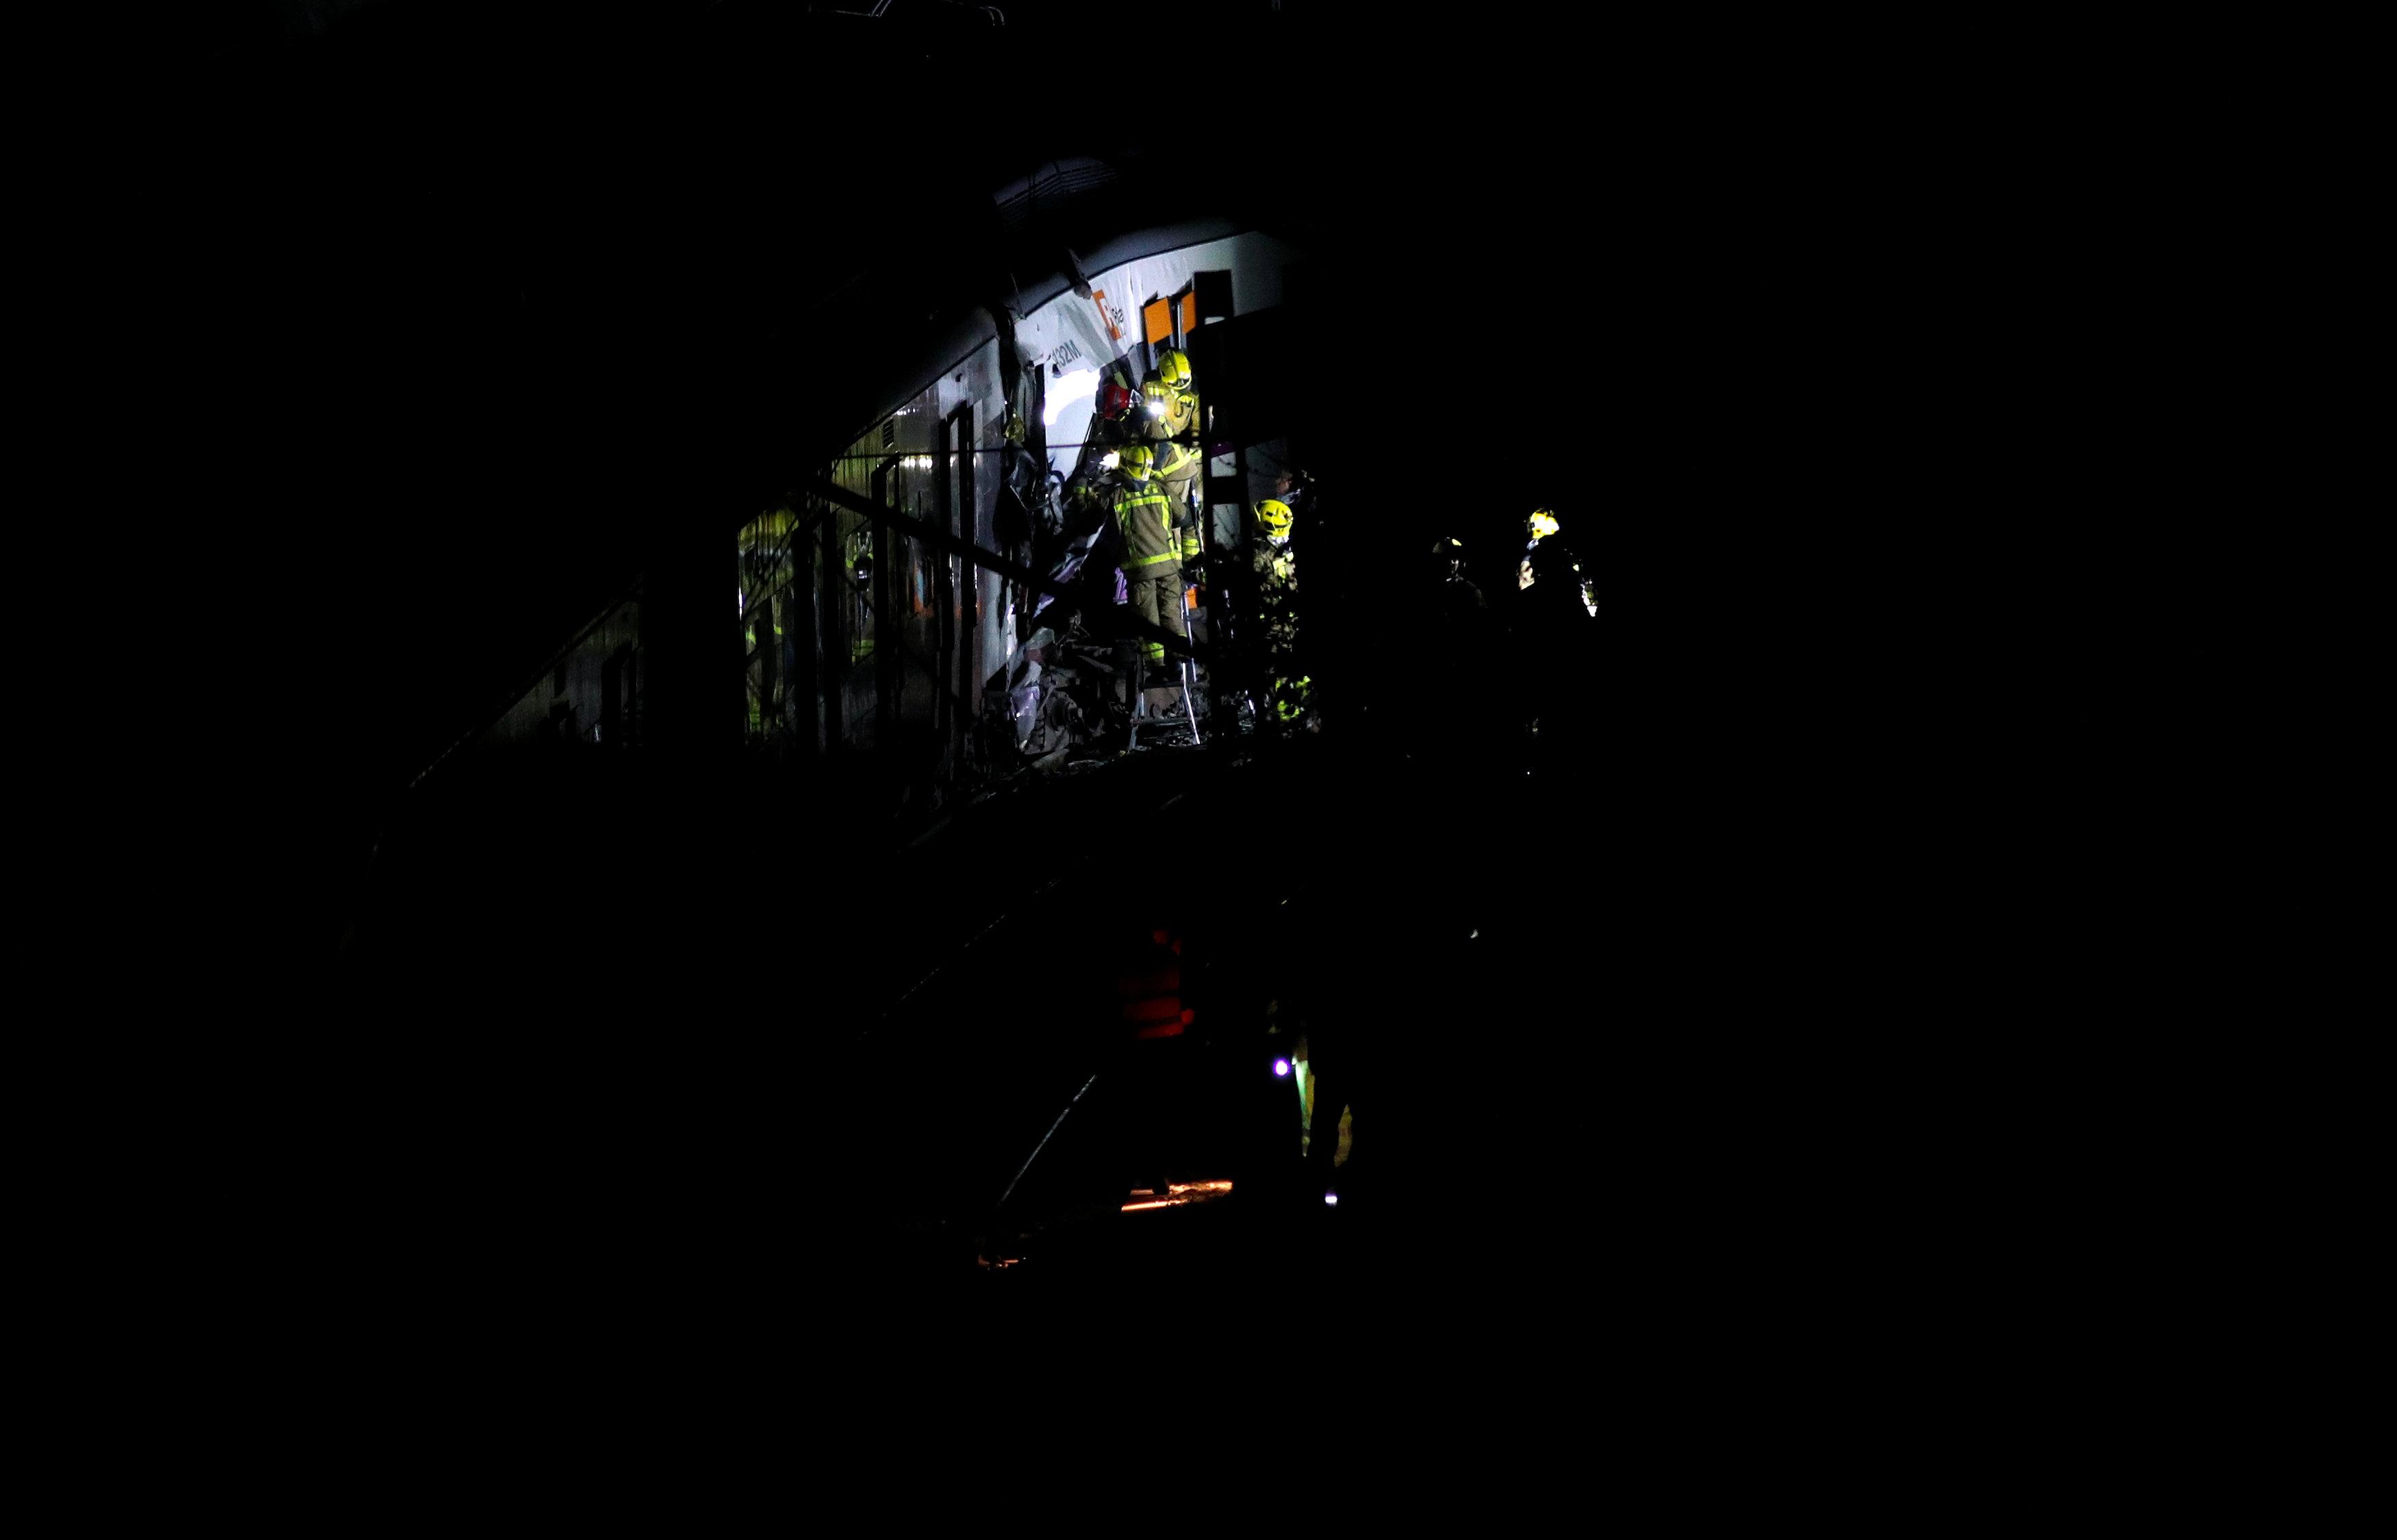 حادث تصادم قطارين بإسبانيا (6)